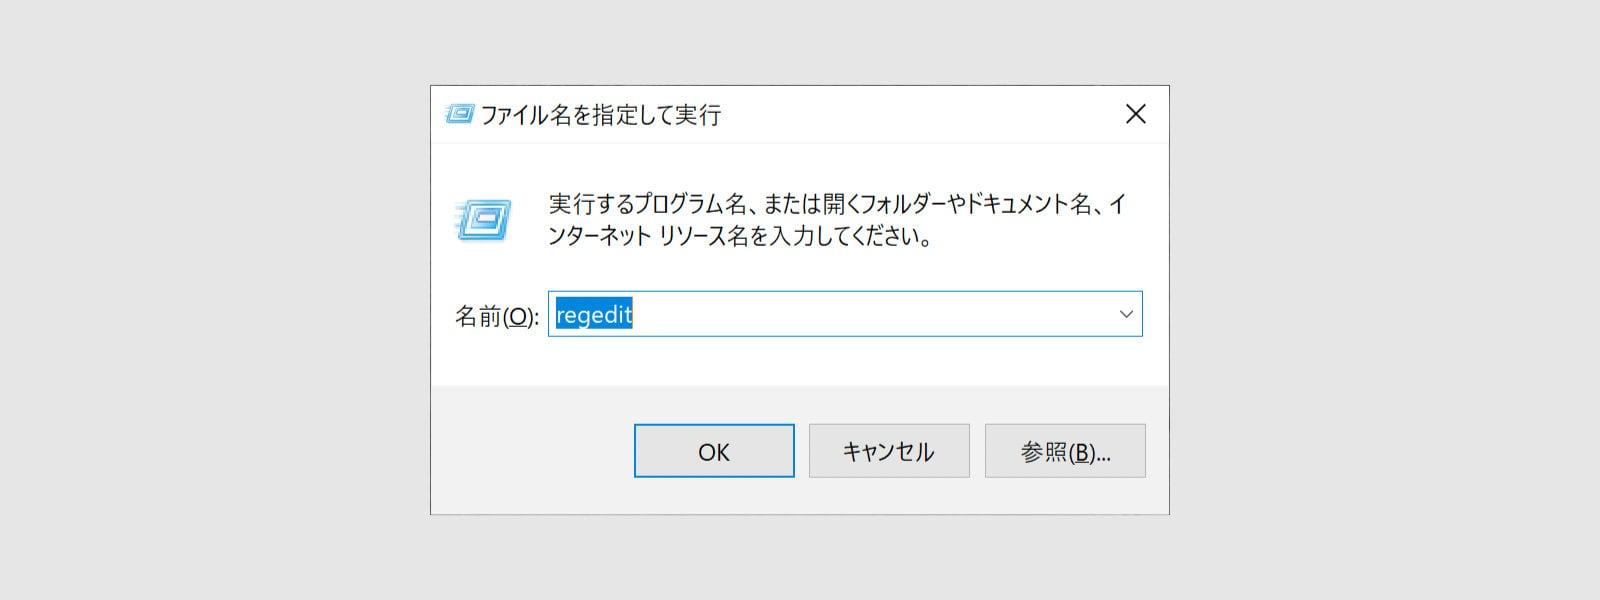 「ファイル名を指定して実行」にregeditと入力された画面